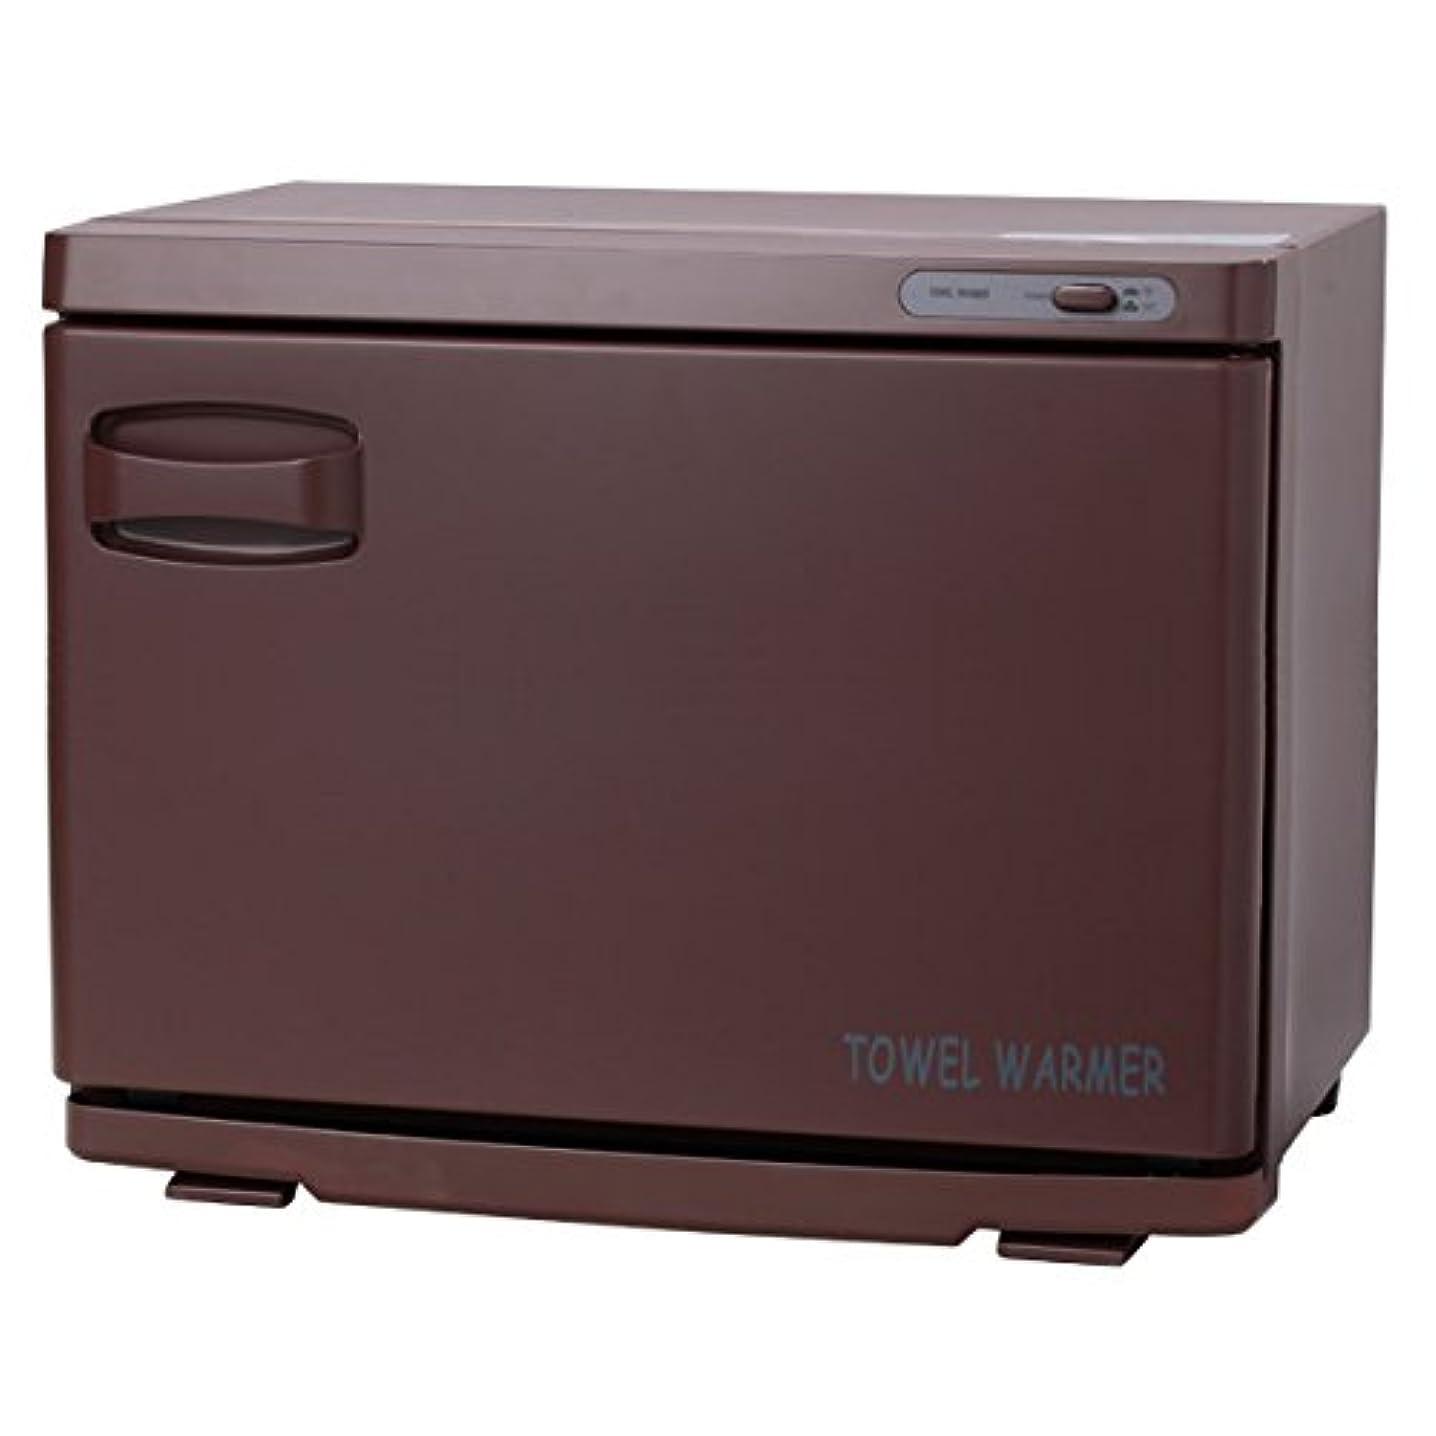 何かピニオン適用するタオルウォーマー ブラウン ( 前開き ) 18L 業務用 タオル蒸し器 おしぼり蒸し器 保温器